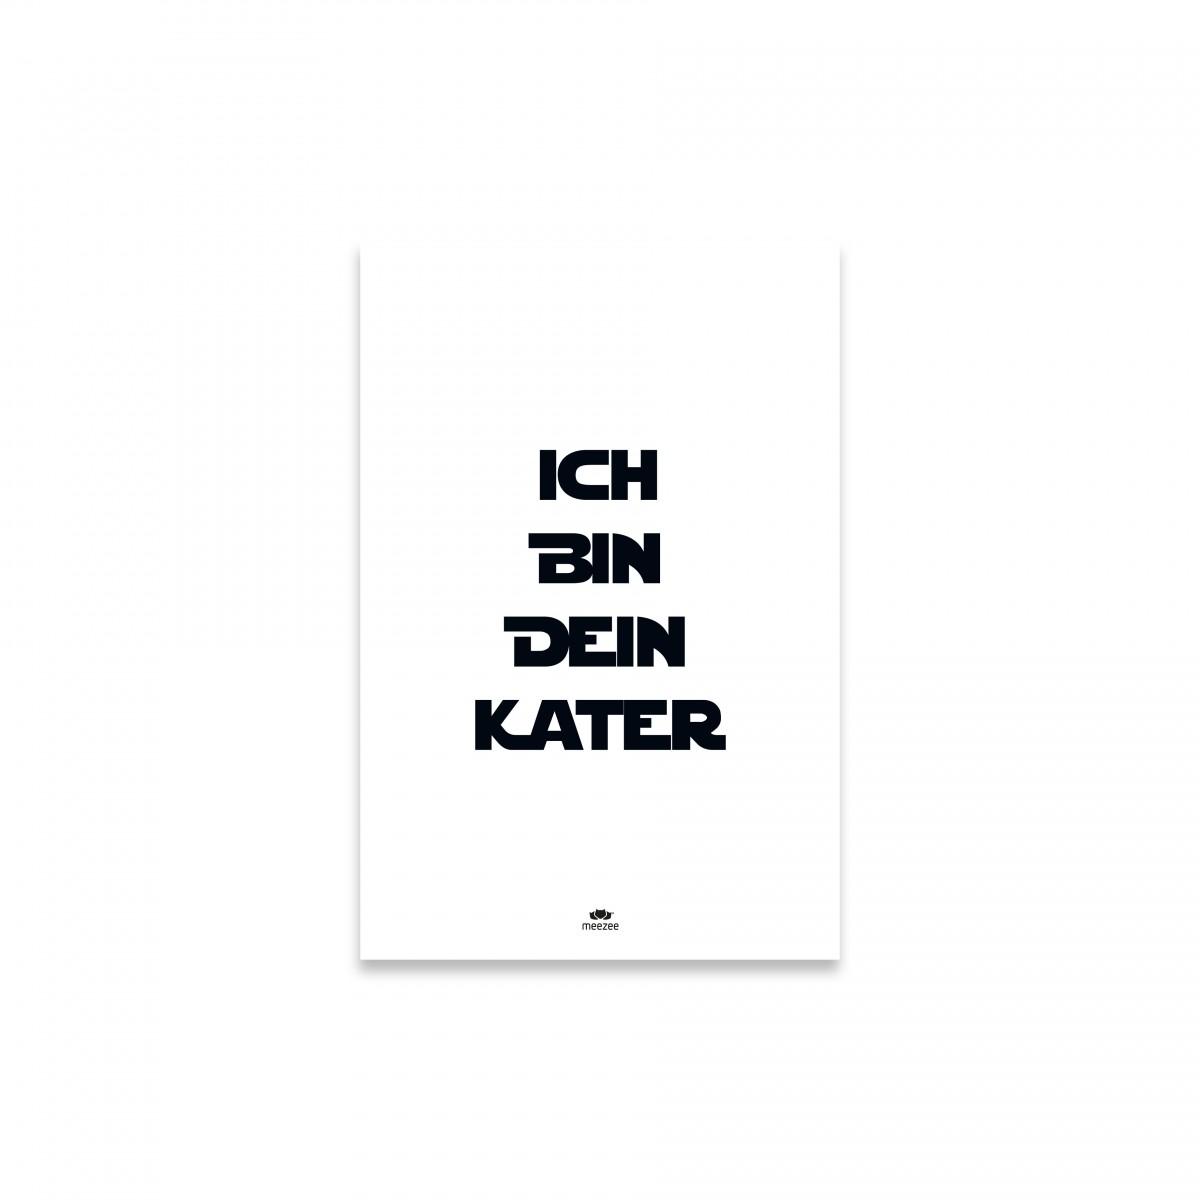 FONT POSTER - ICH BIN DEIN KATER - white - 40 x 60cm